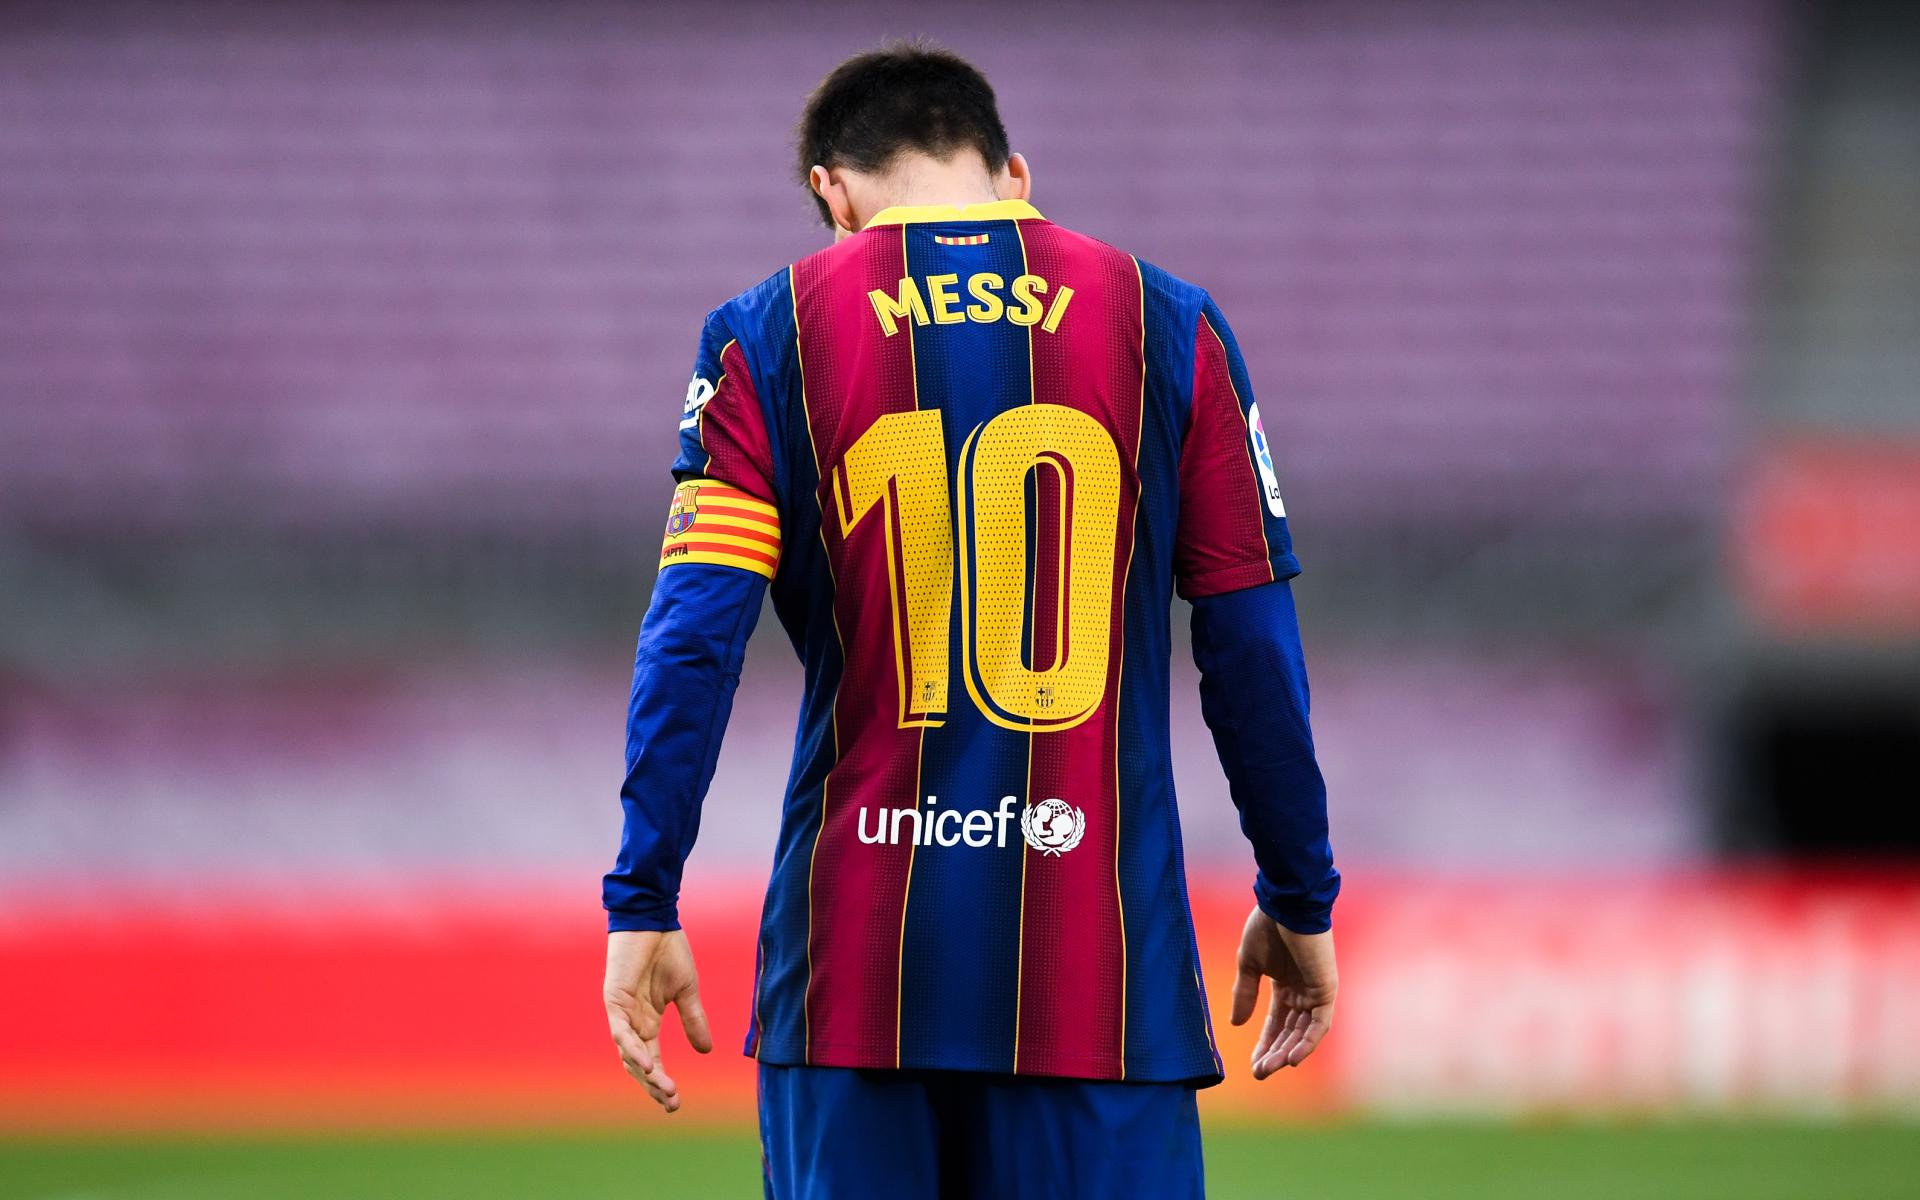 Фото: Лионель Месси (David Ramos/Getty Images)